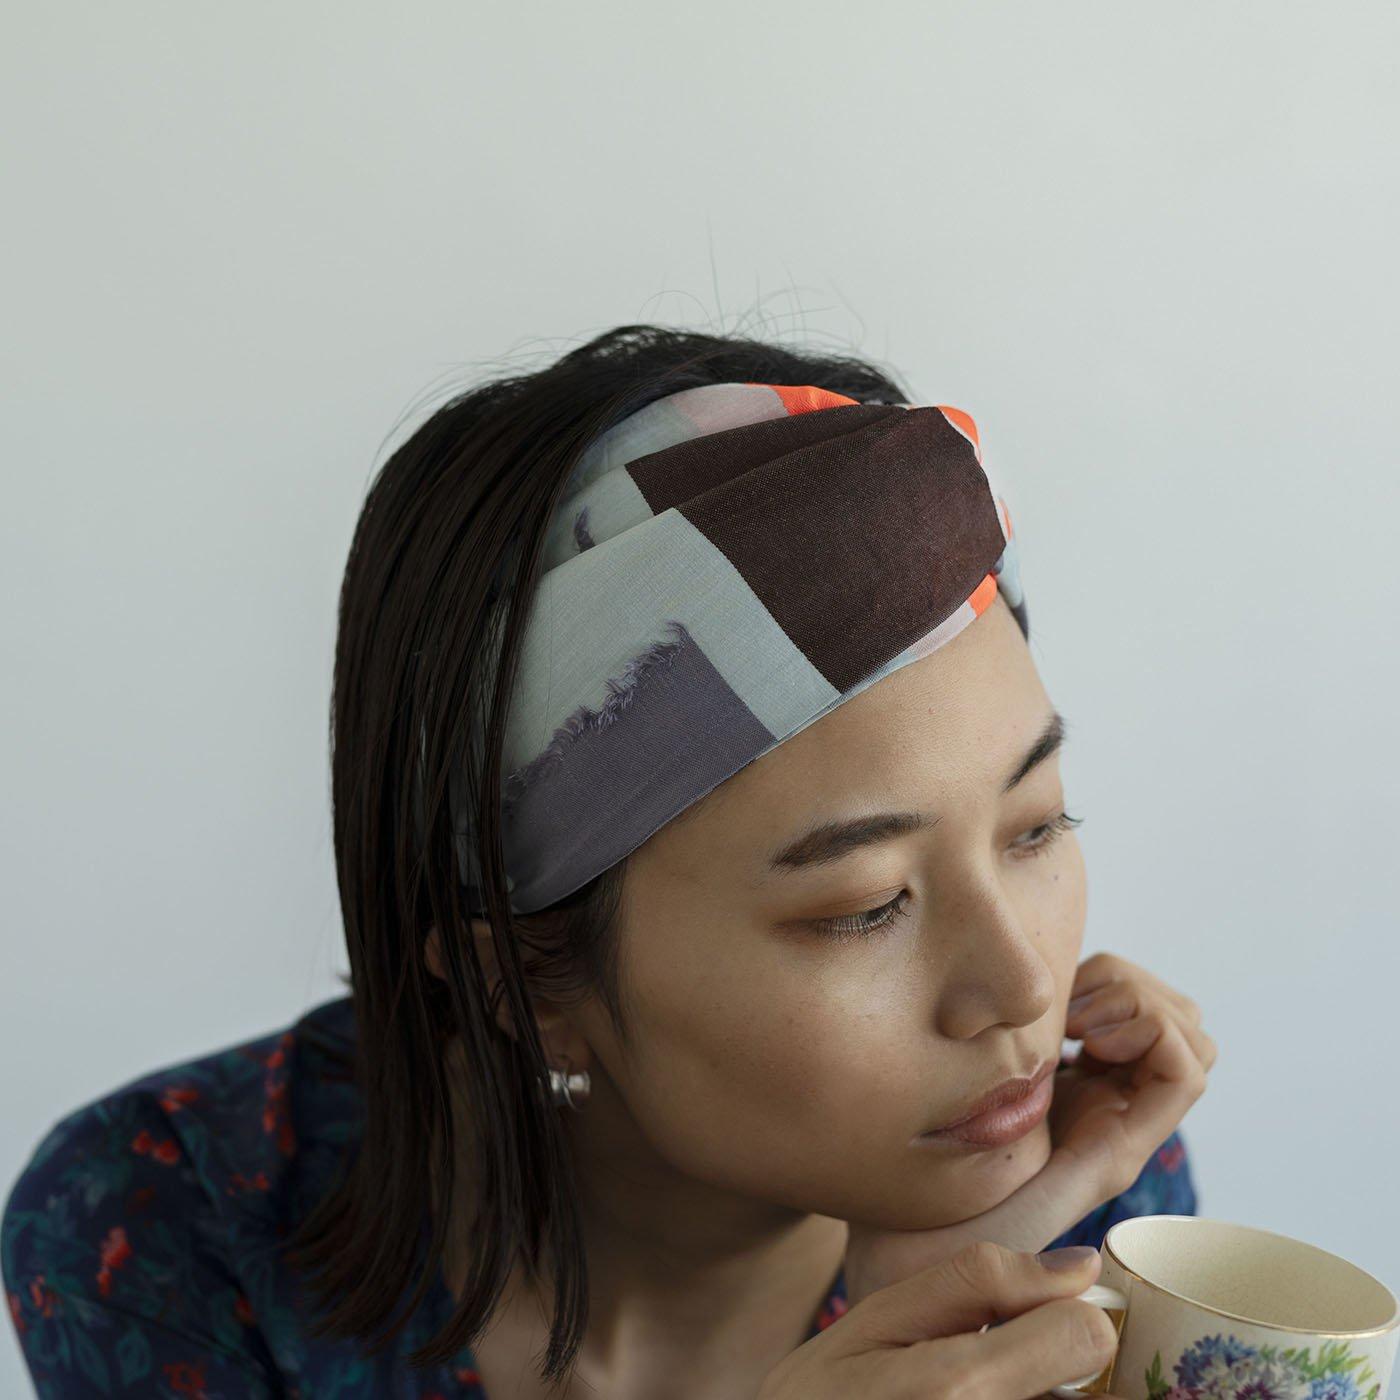 テキスタイルデザイナーと作った 播州ジャカード織のヘアターバン〈ライトグレー×オレンジ〉[ヘアバンド:日本製]